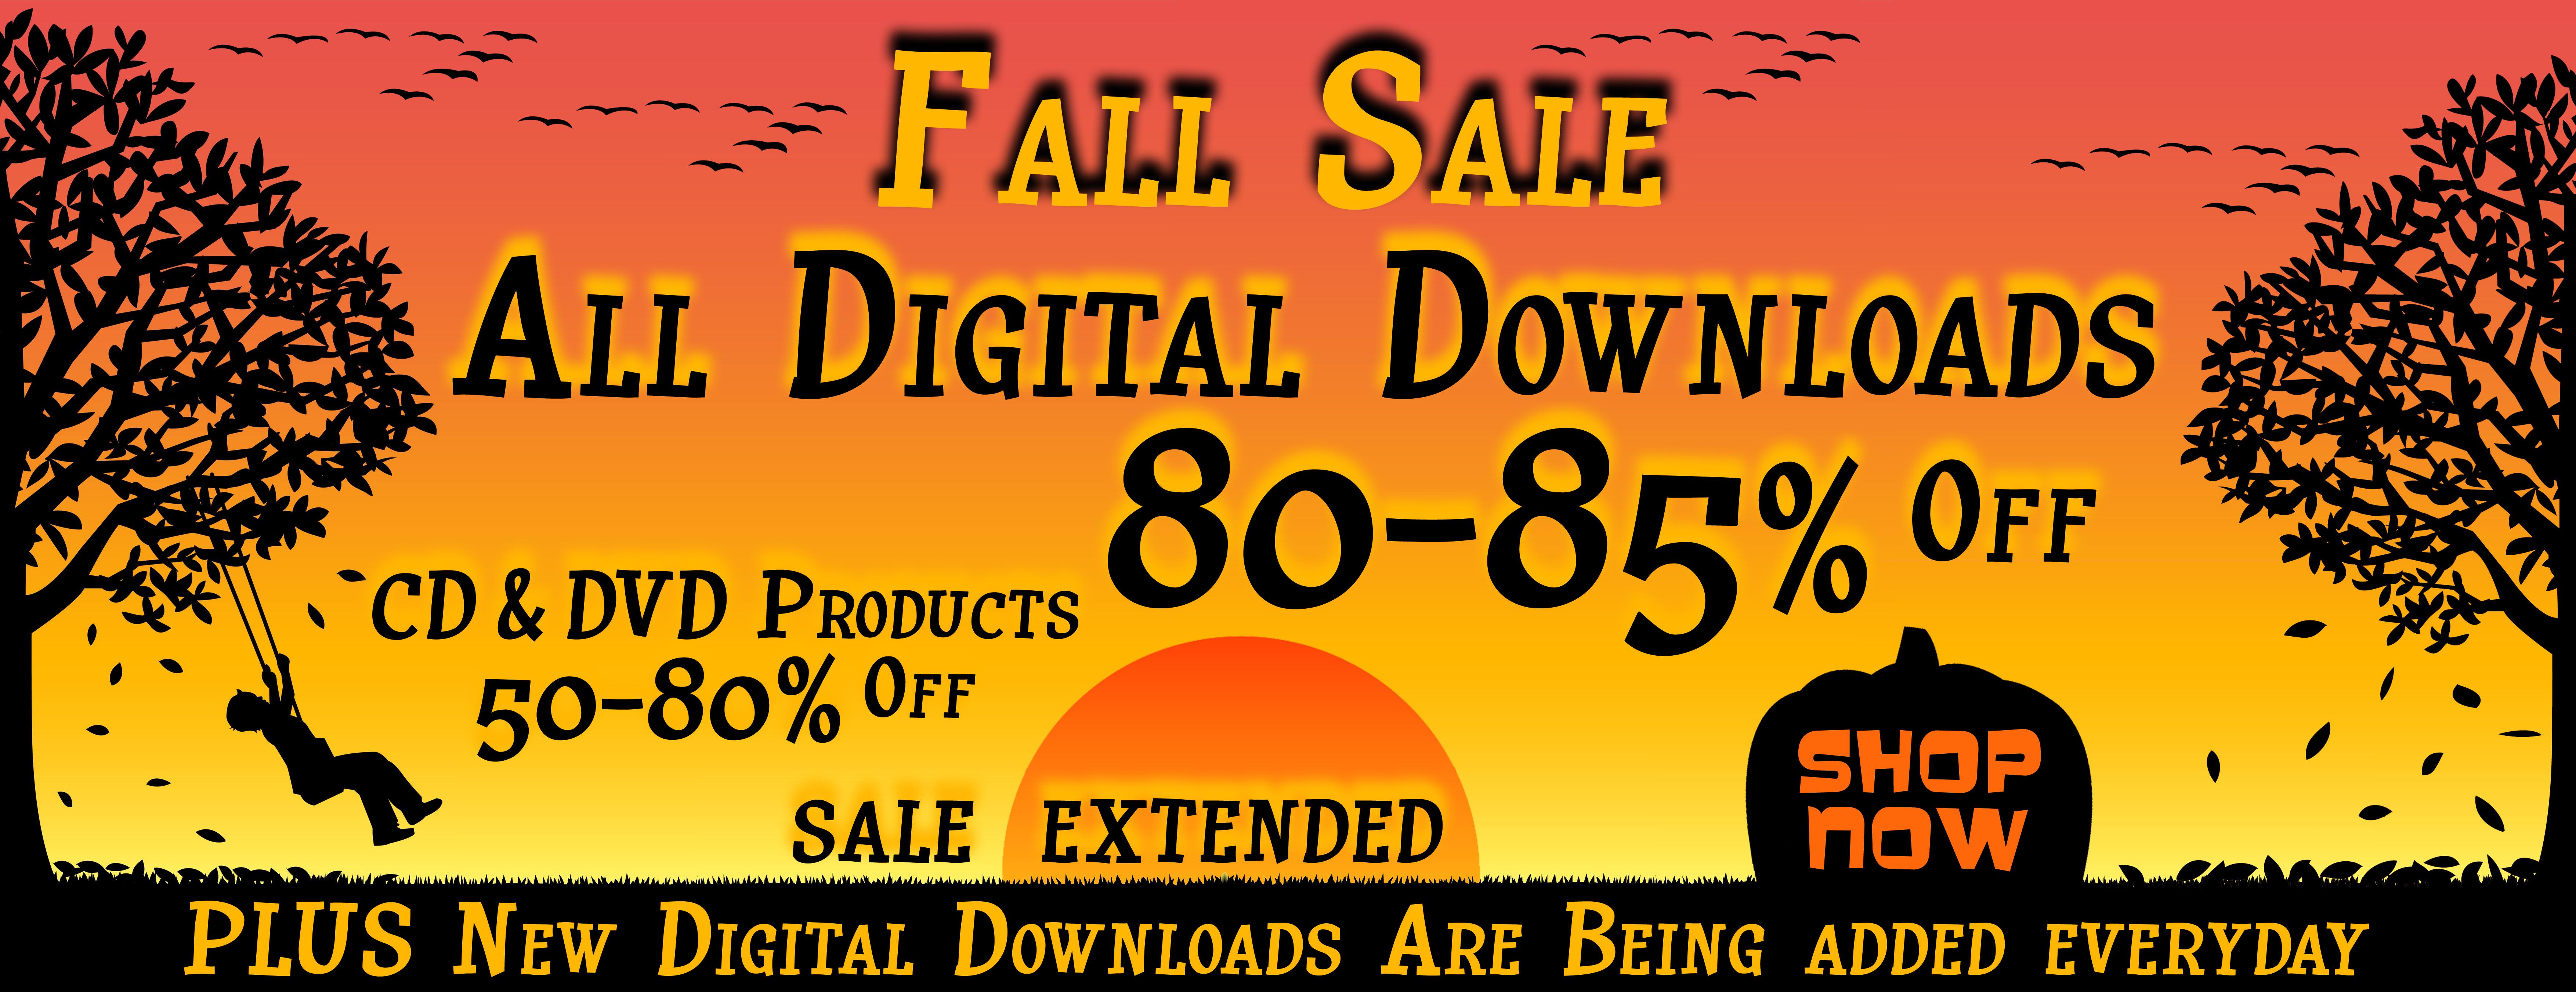 Nightingale Fall Digital Sale